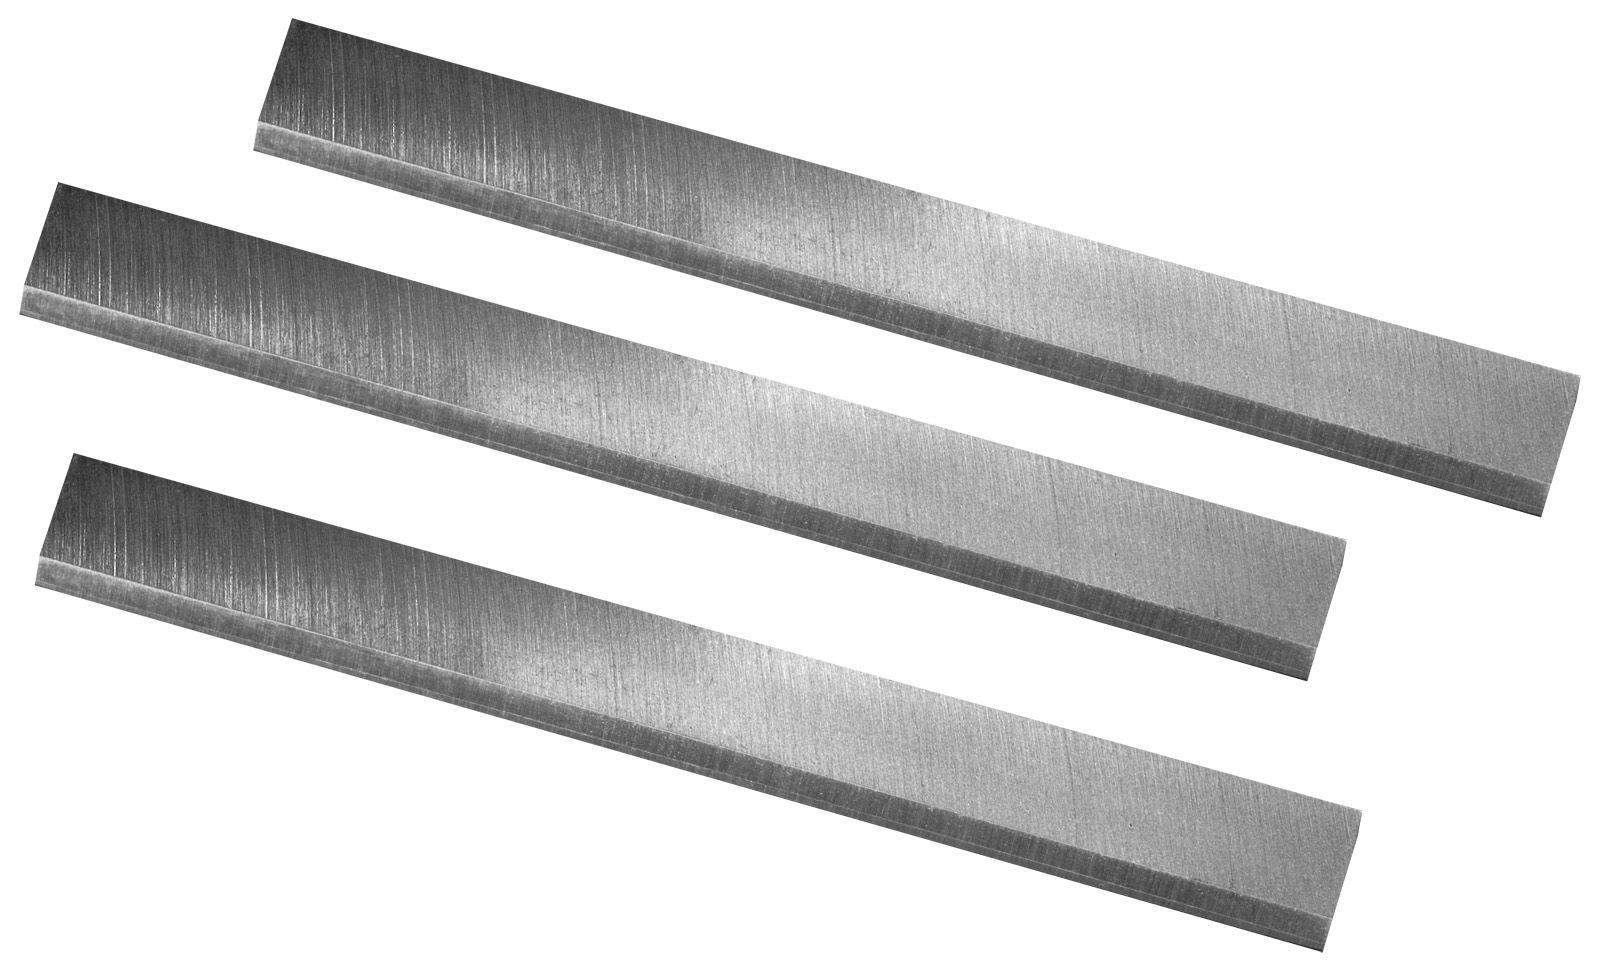 13 Inch Planer Blades